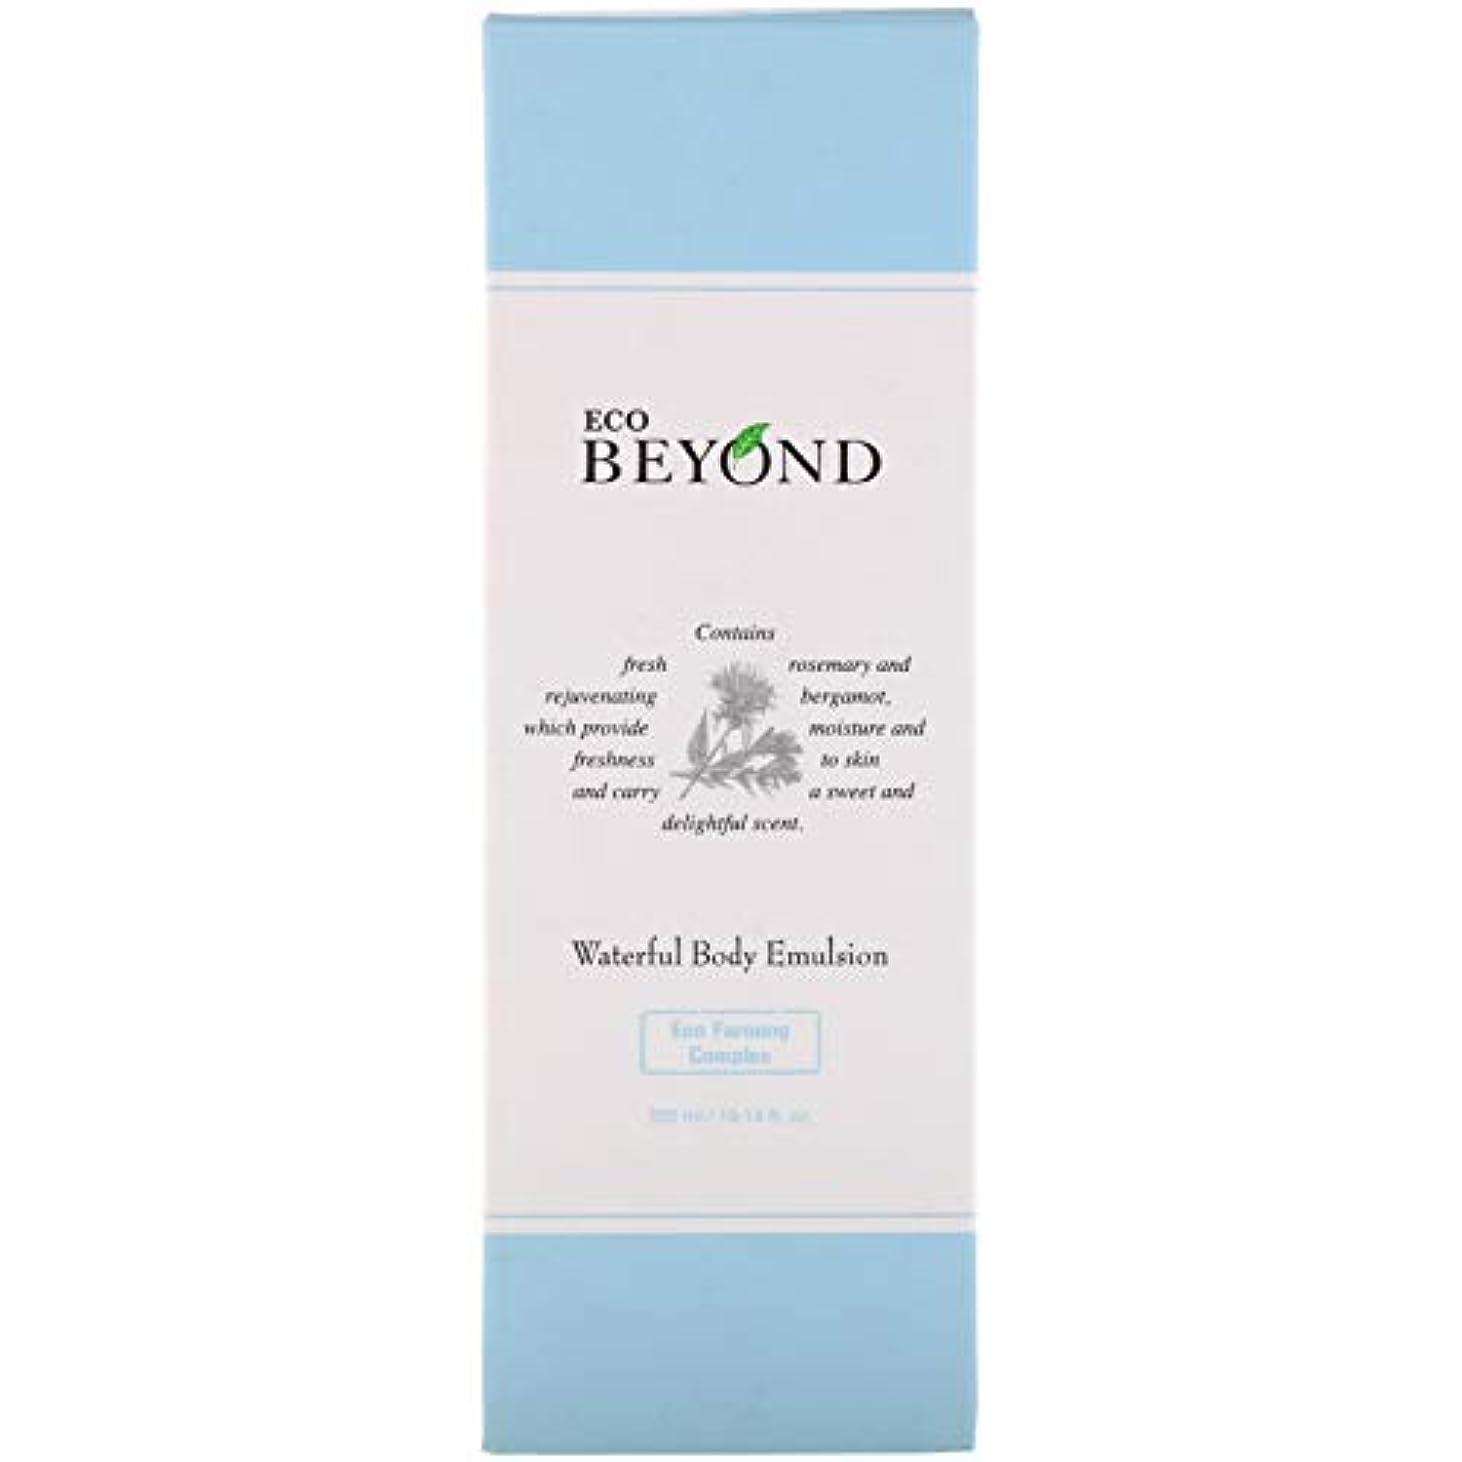 日没ペインティング天文学[ビヨンド] BEYOND [ウォーターフル ボディ エマルジョン 300ml] Waterful Body Emulsion 300ml [海外直送品]